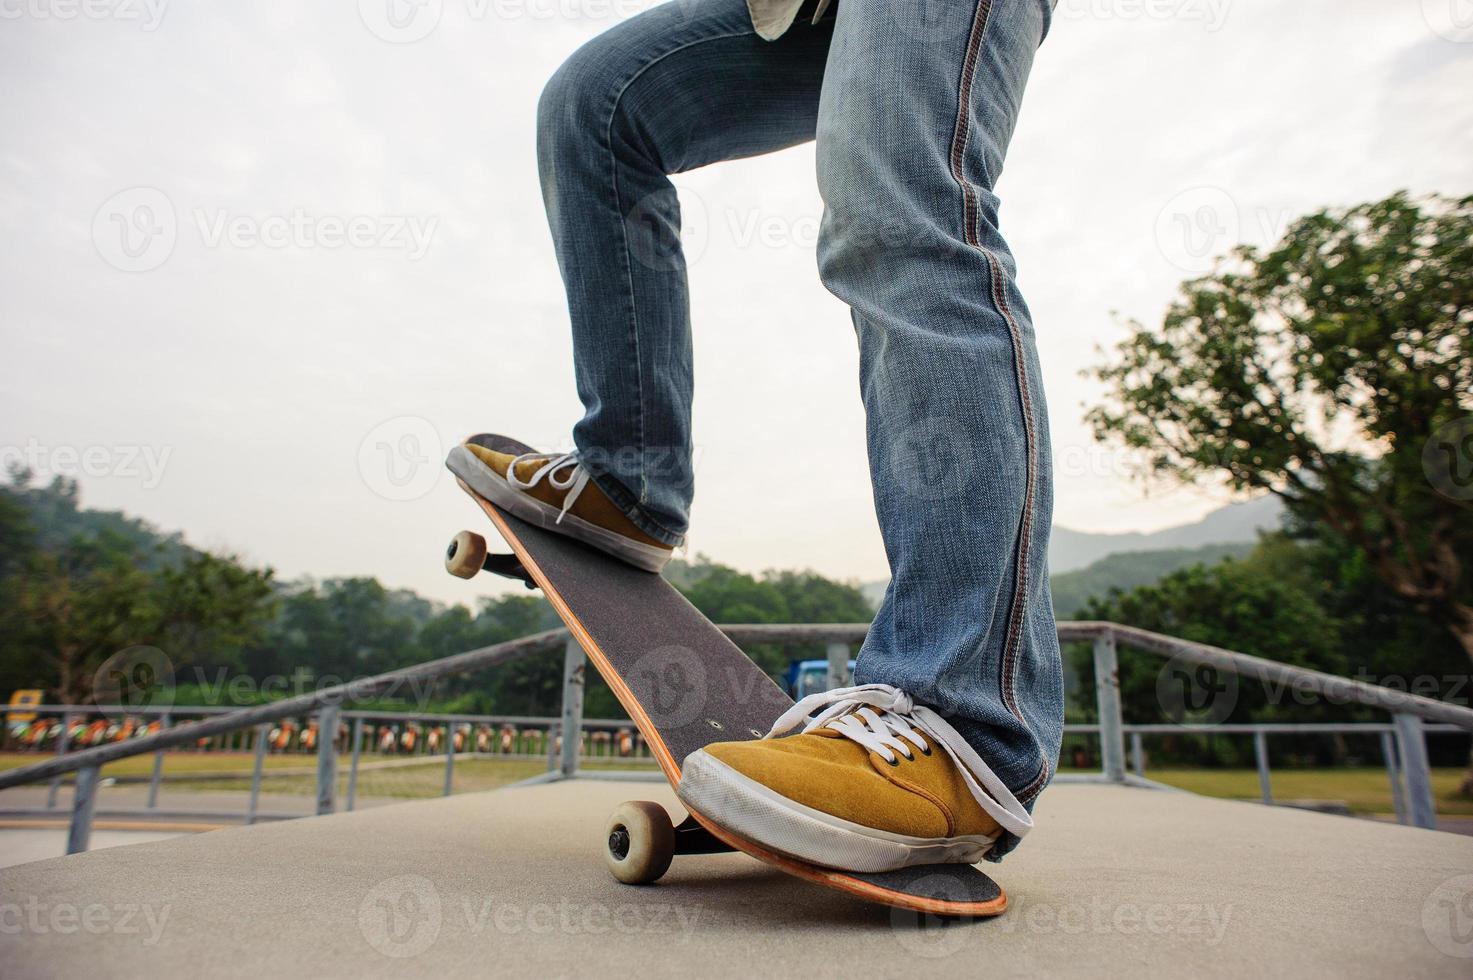 skateboarder ridning på skateboard på skatepark foto